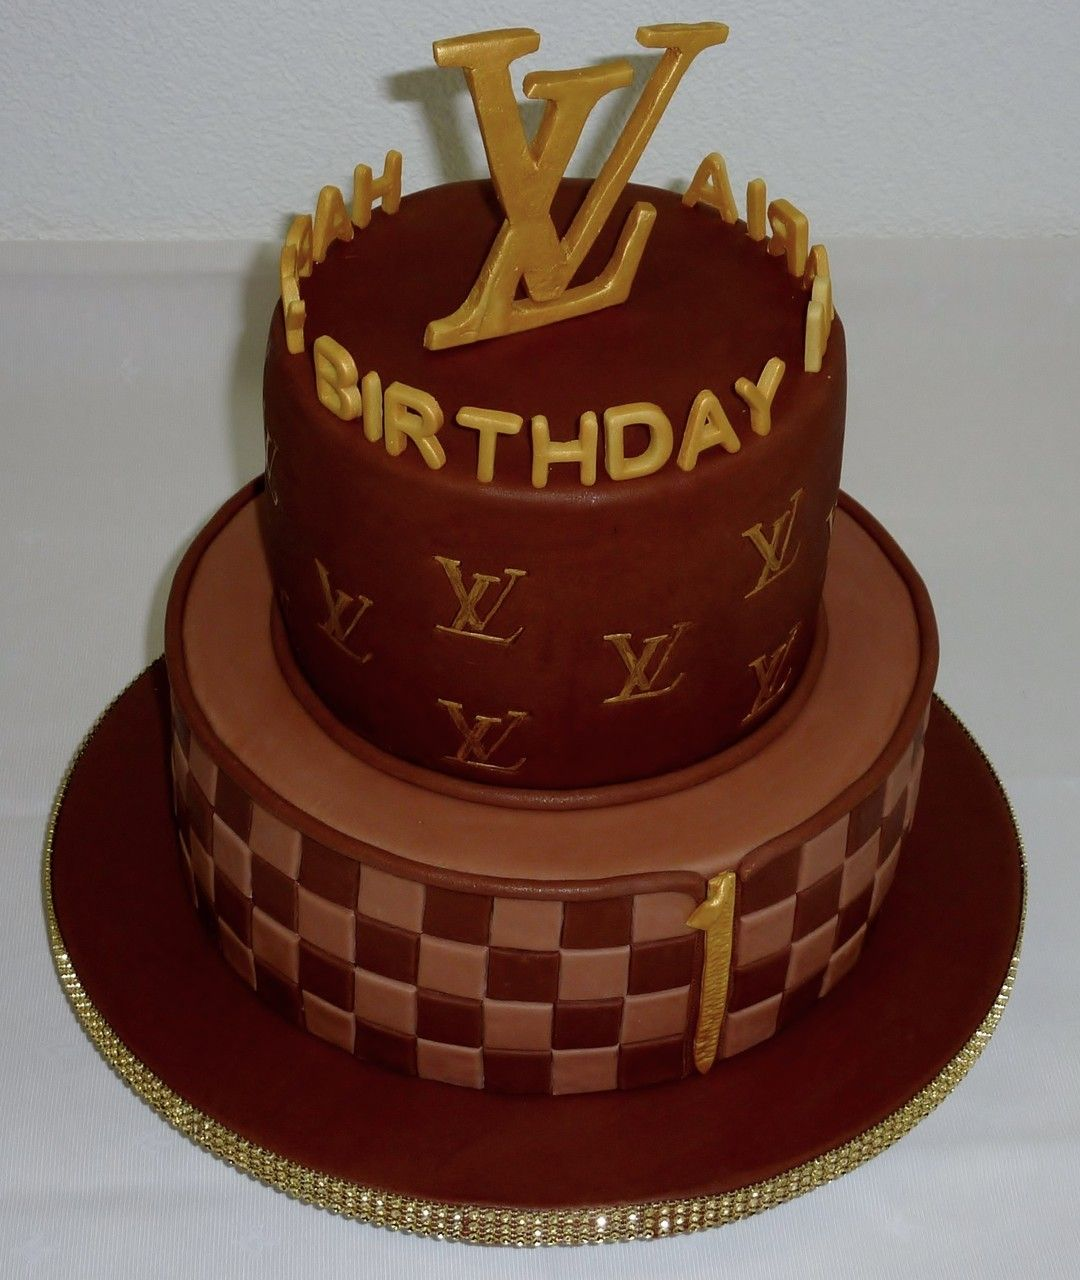 Cake Louis Vuitton Pinterest : Louis Vuitton Cake NOMS/Great recipes. Pinterest ...